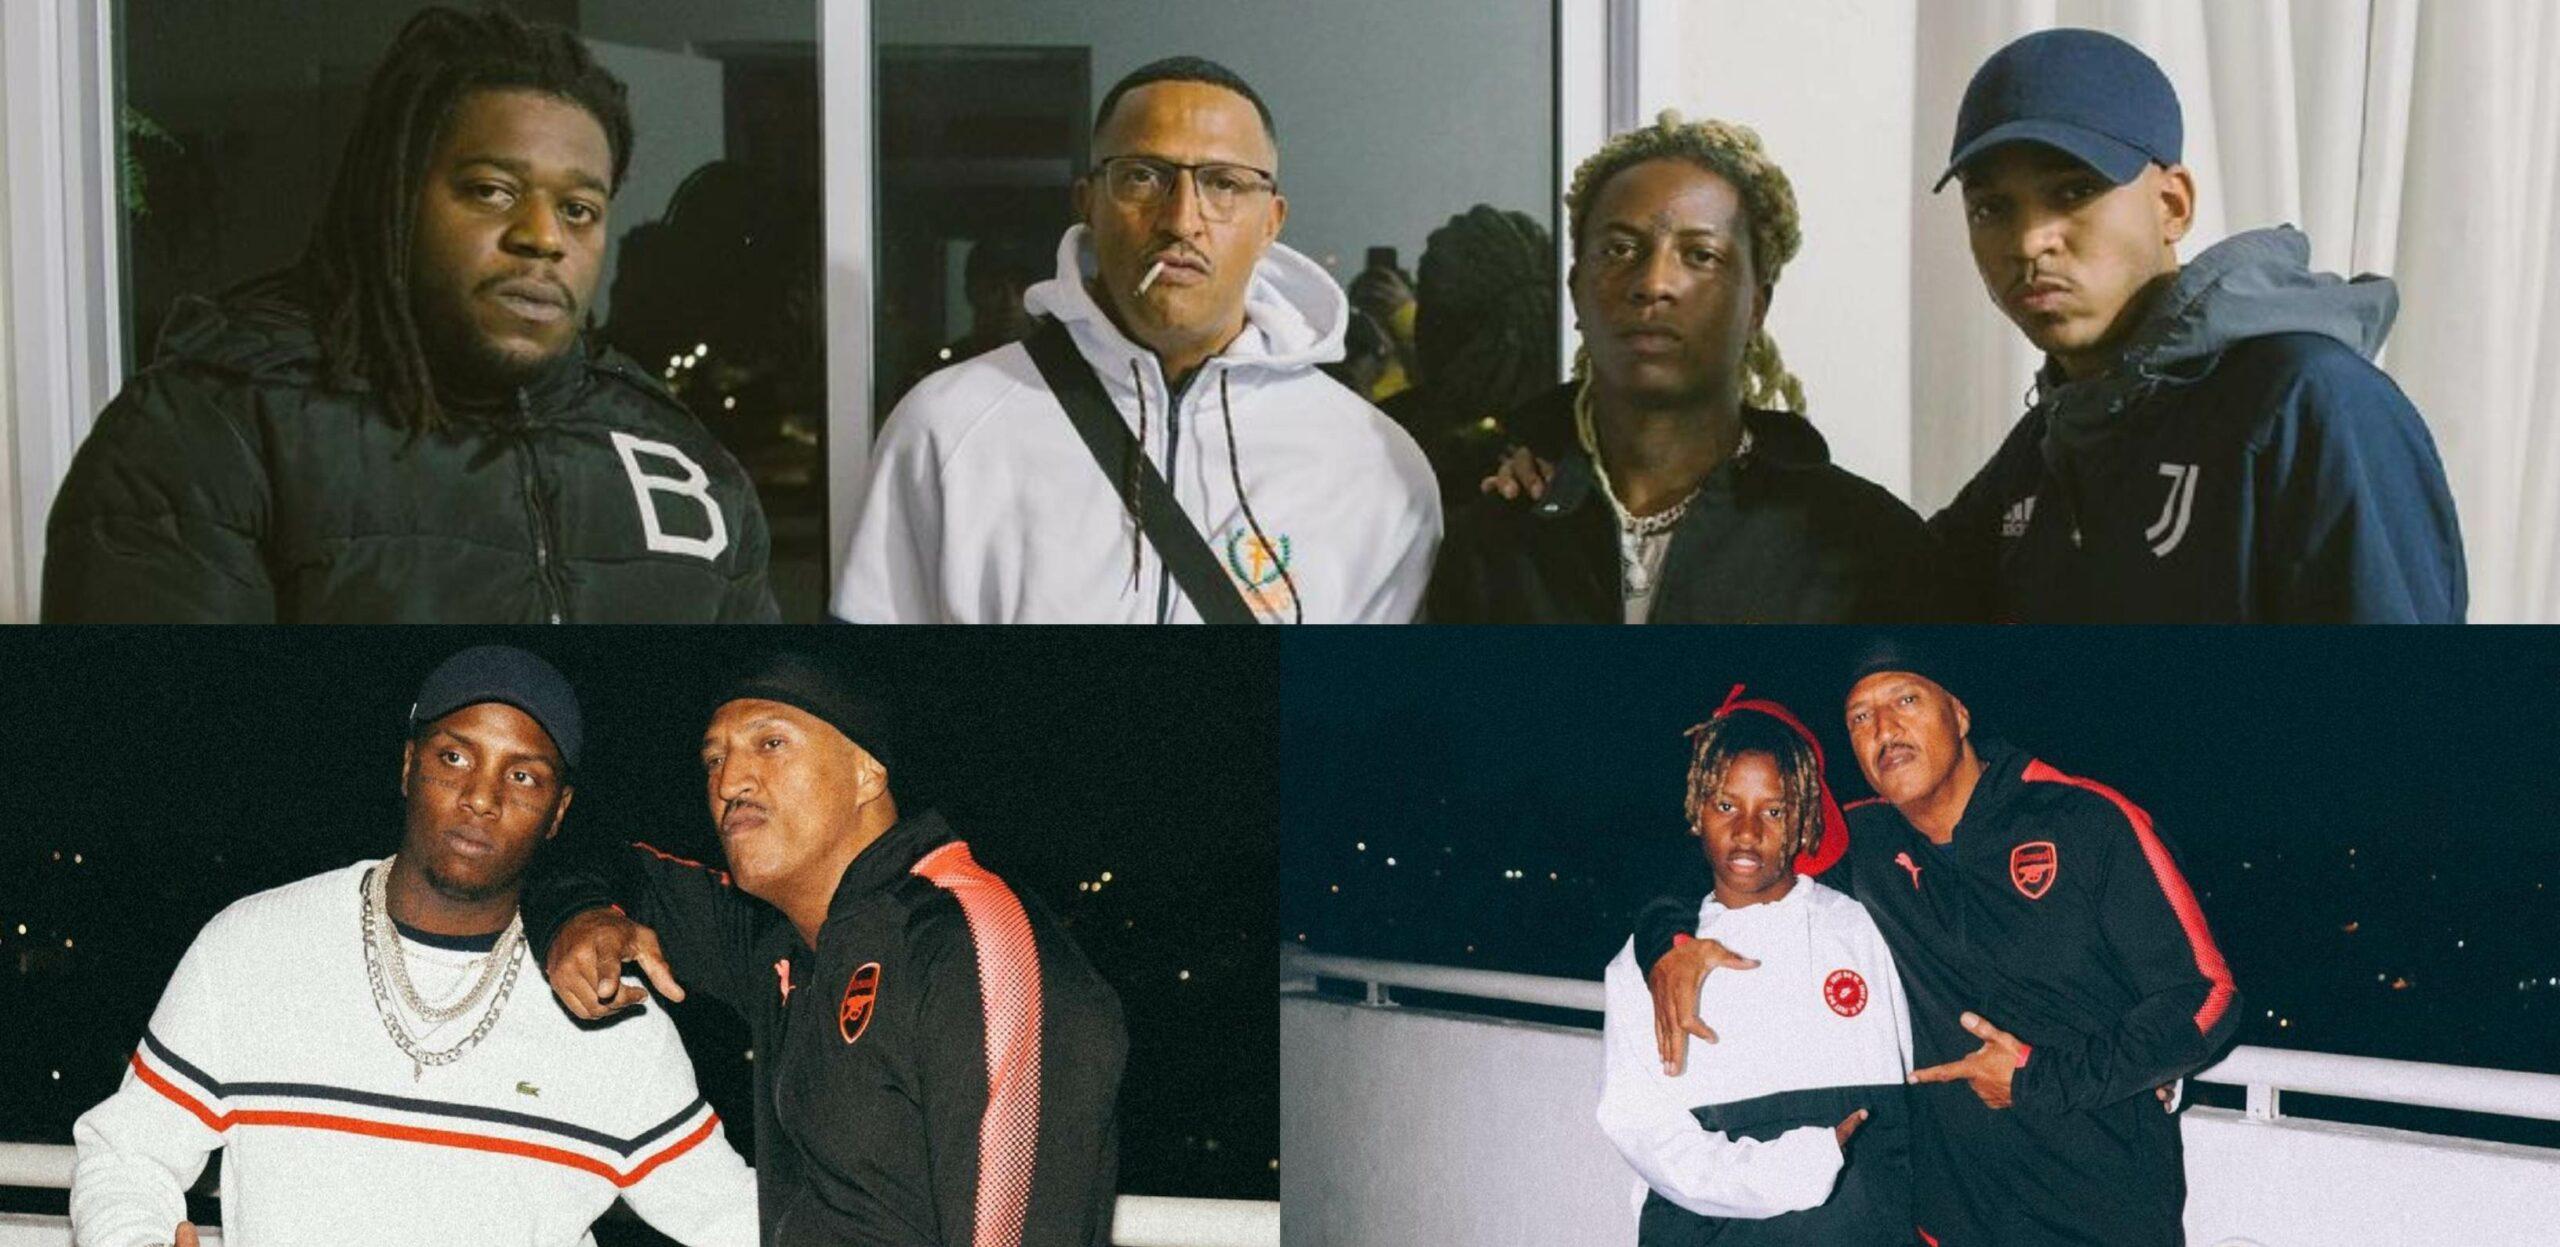 Velha e nova escola do rap: Mano Brown posta foto em estúdio ao lado de Kayblack, MC Caverinha, Kyan, Yunk Vino e Big da Godoy